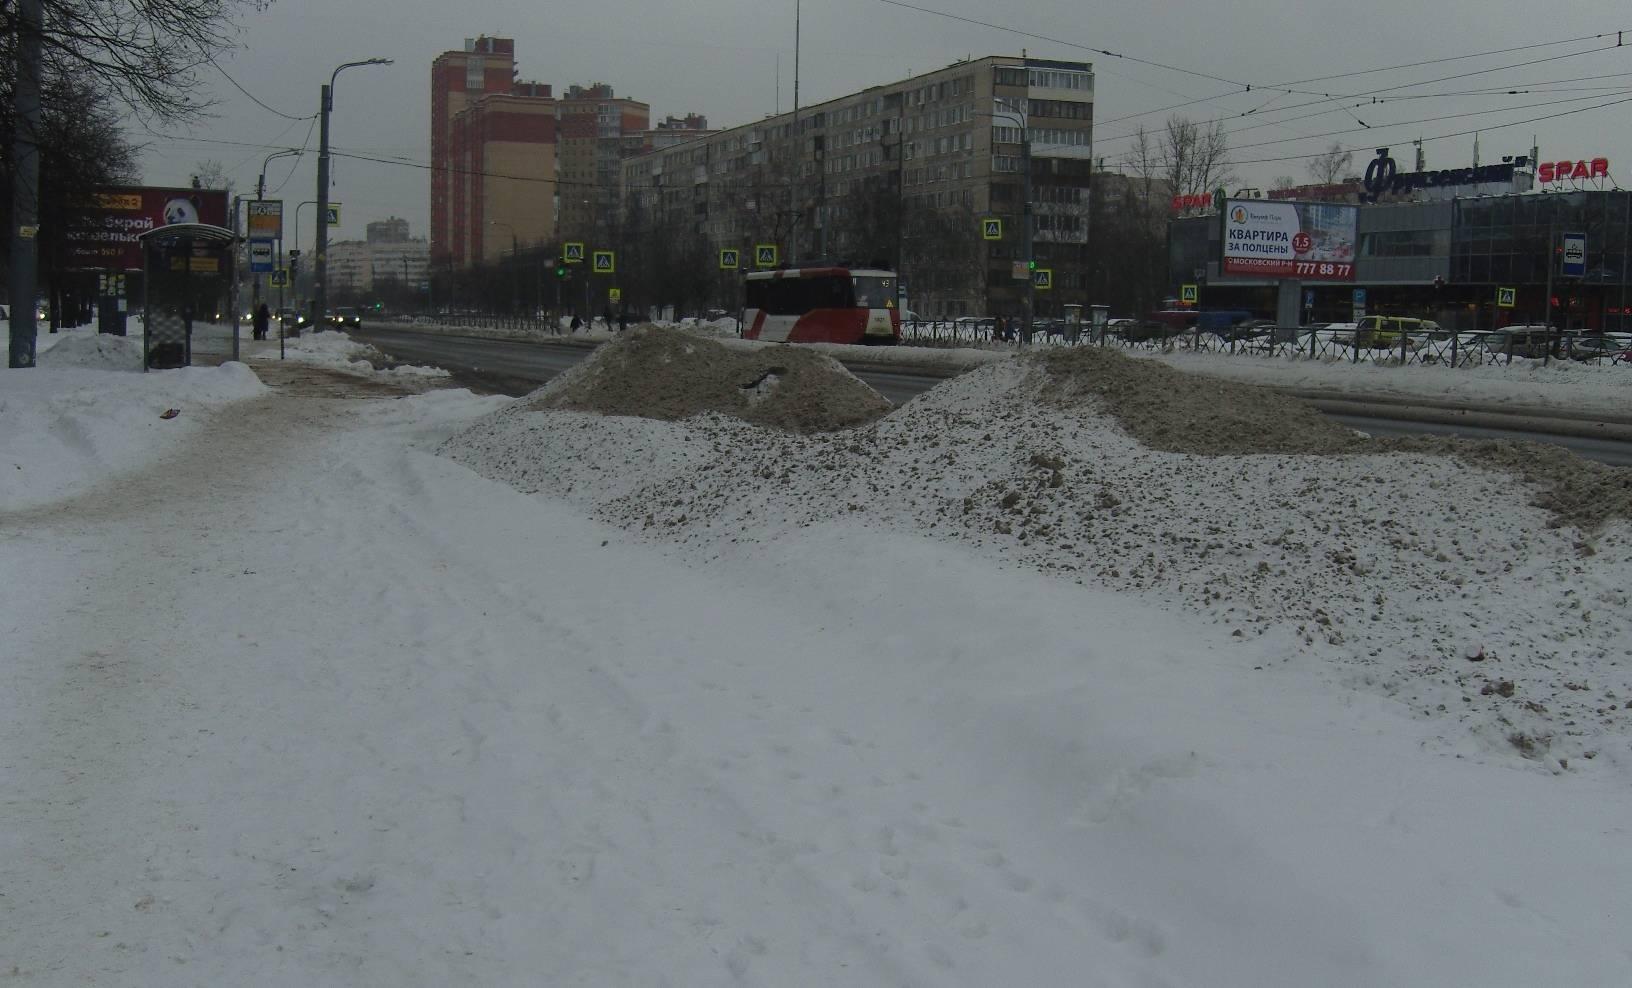 Снежный вал вдоль обочины. СПб. Бухарестская ул.